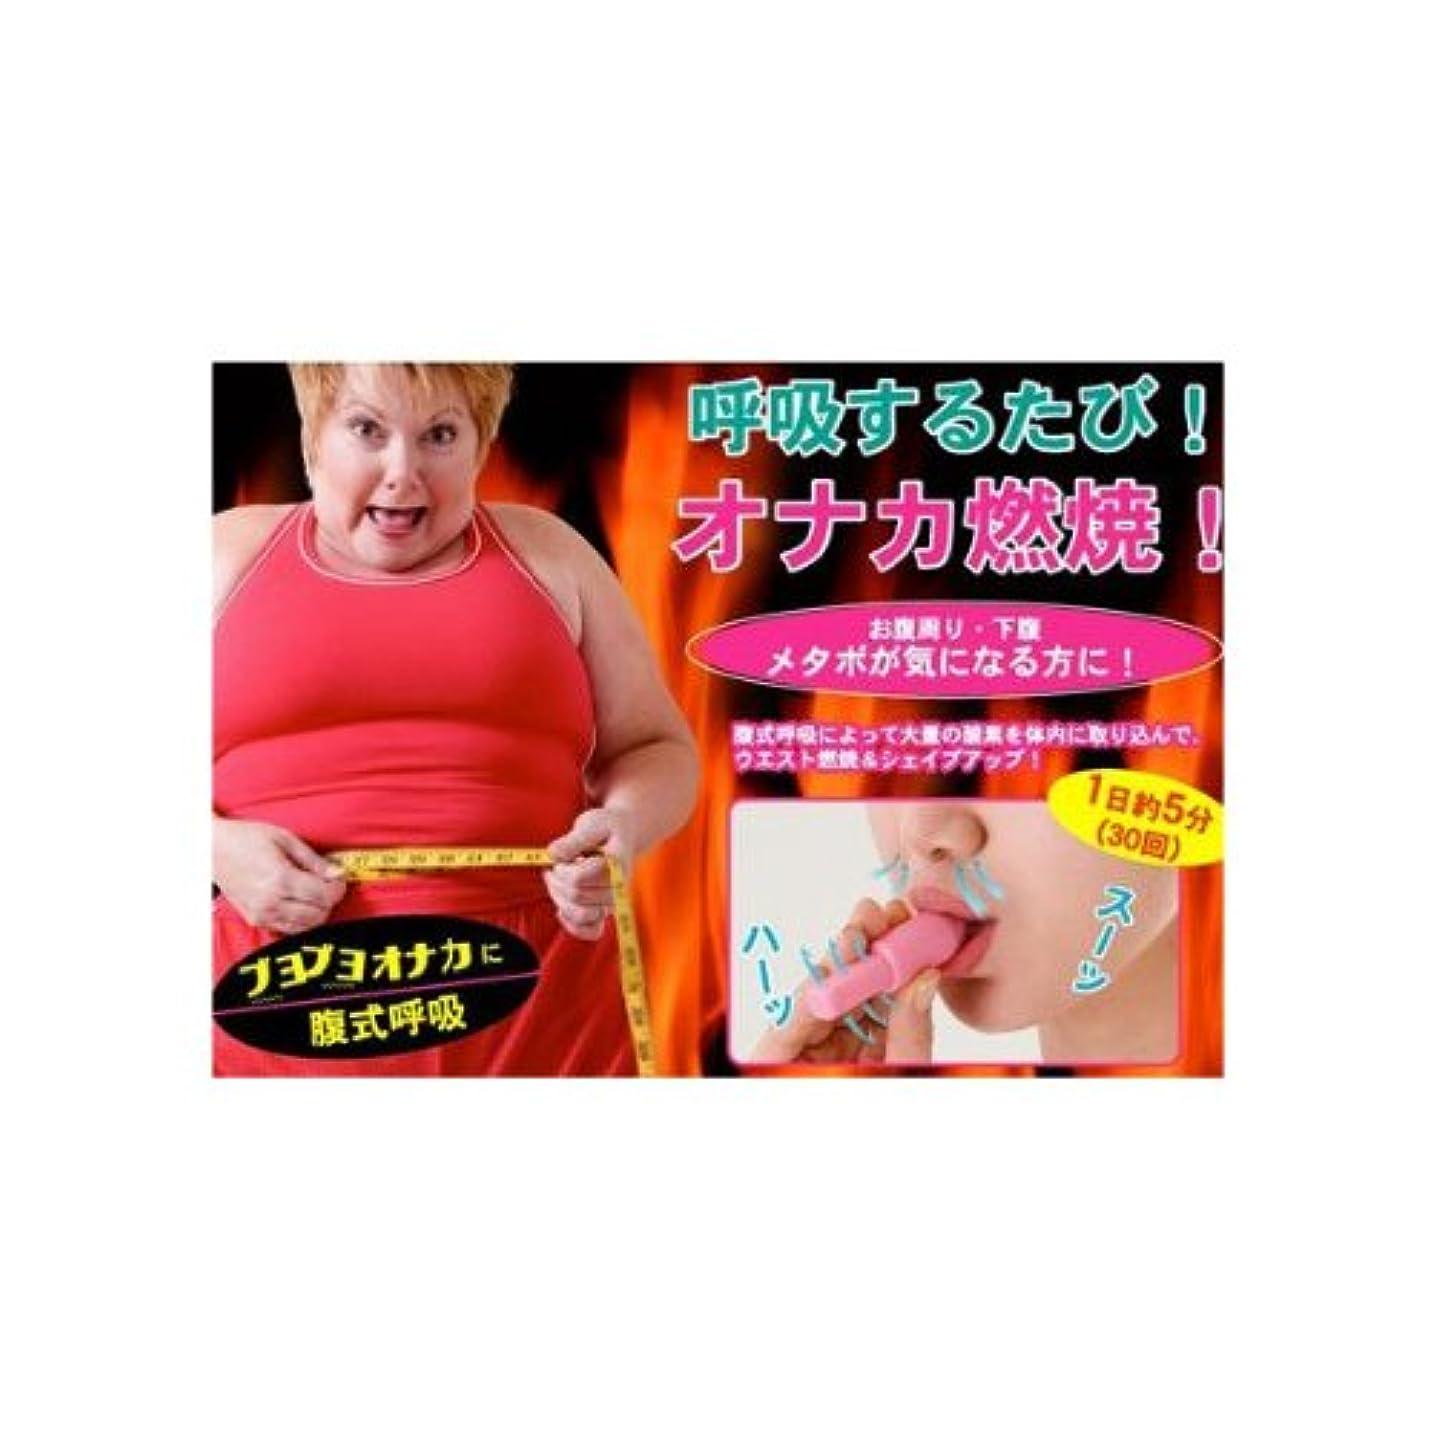 素晴らしい良い多くの苦情文句騙す腹式呼吸によってウエスト&エクササイズ!腹式呼吸ダイエット『カロリーブレス』